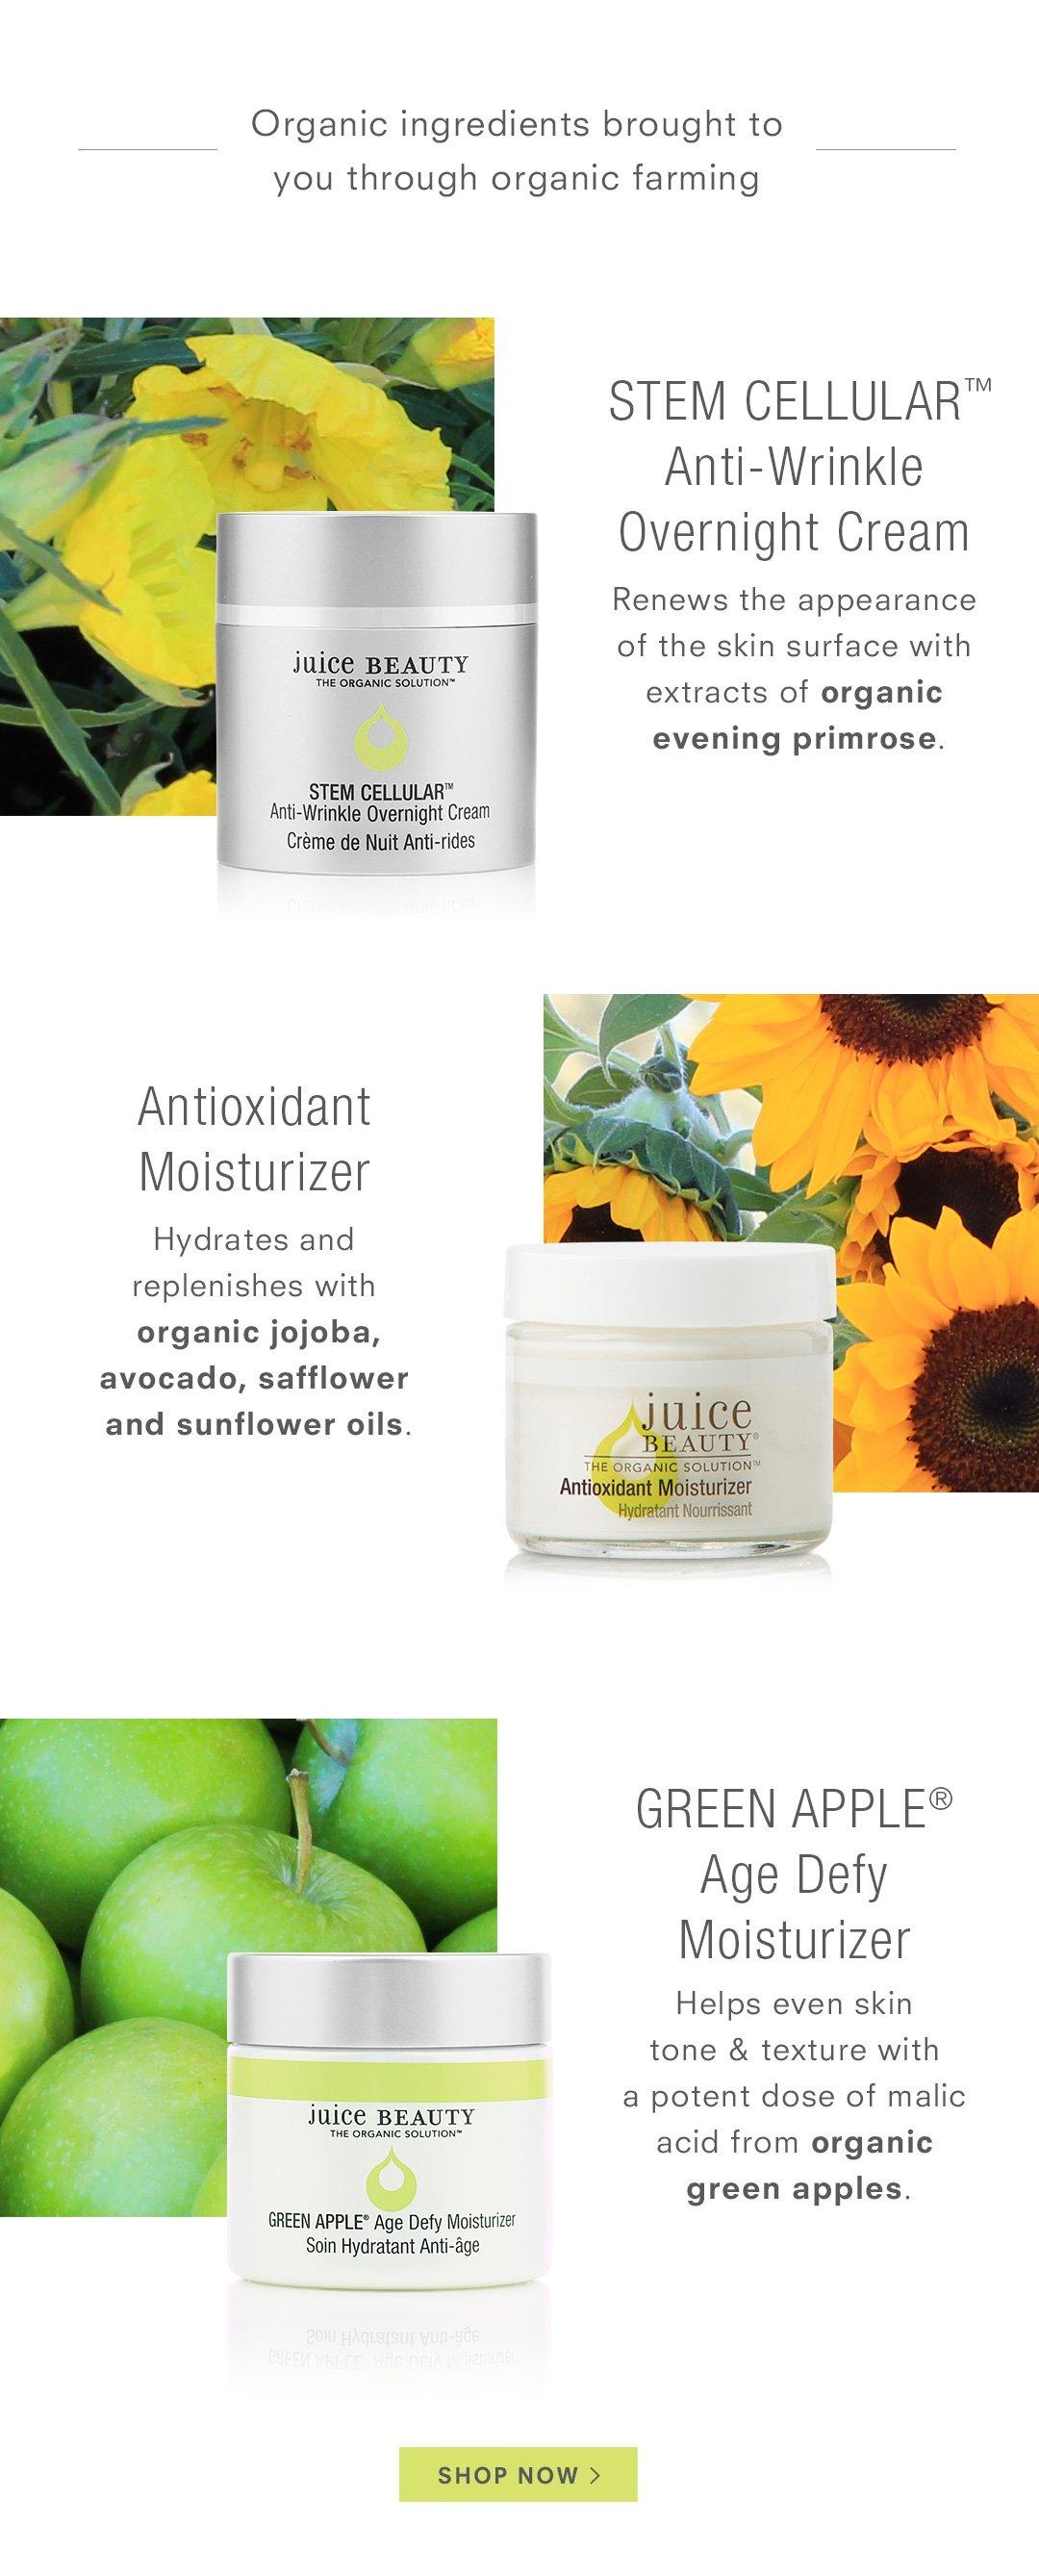 Organic ingredients brought to you through organic farming